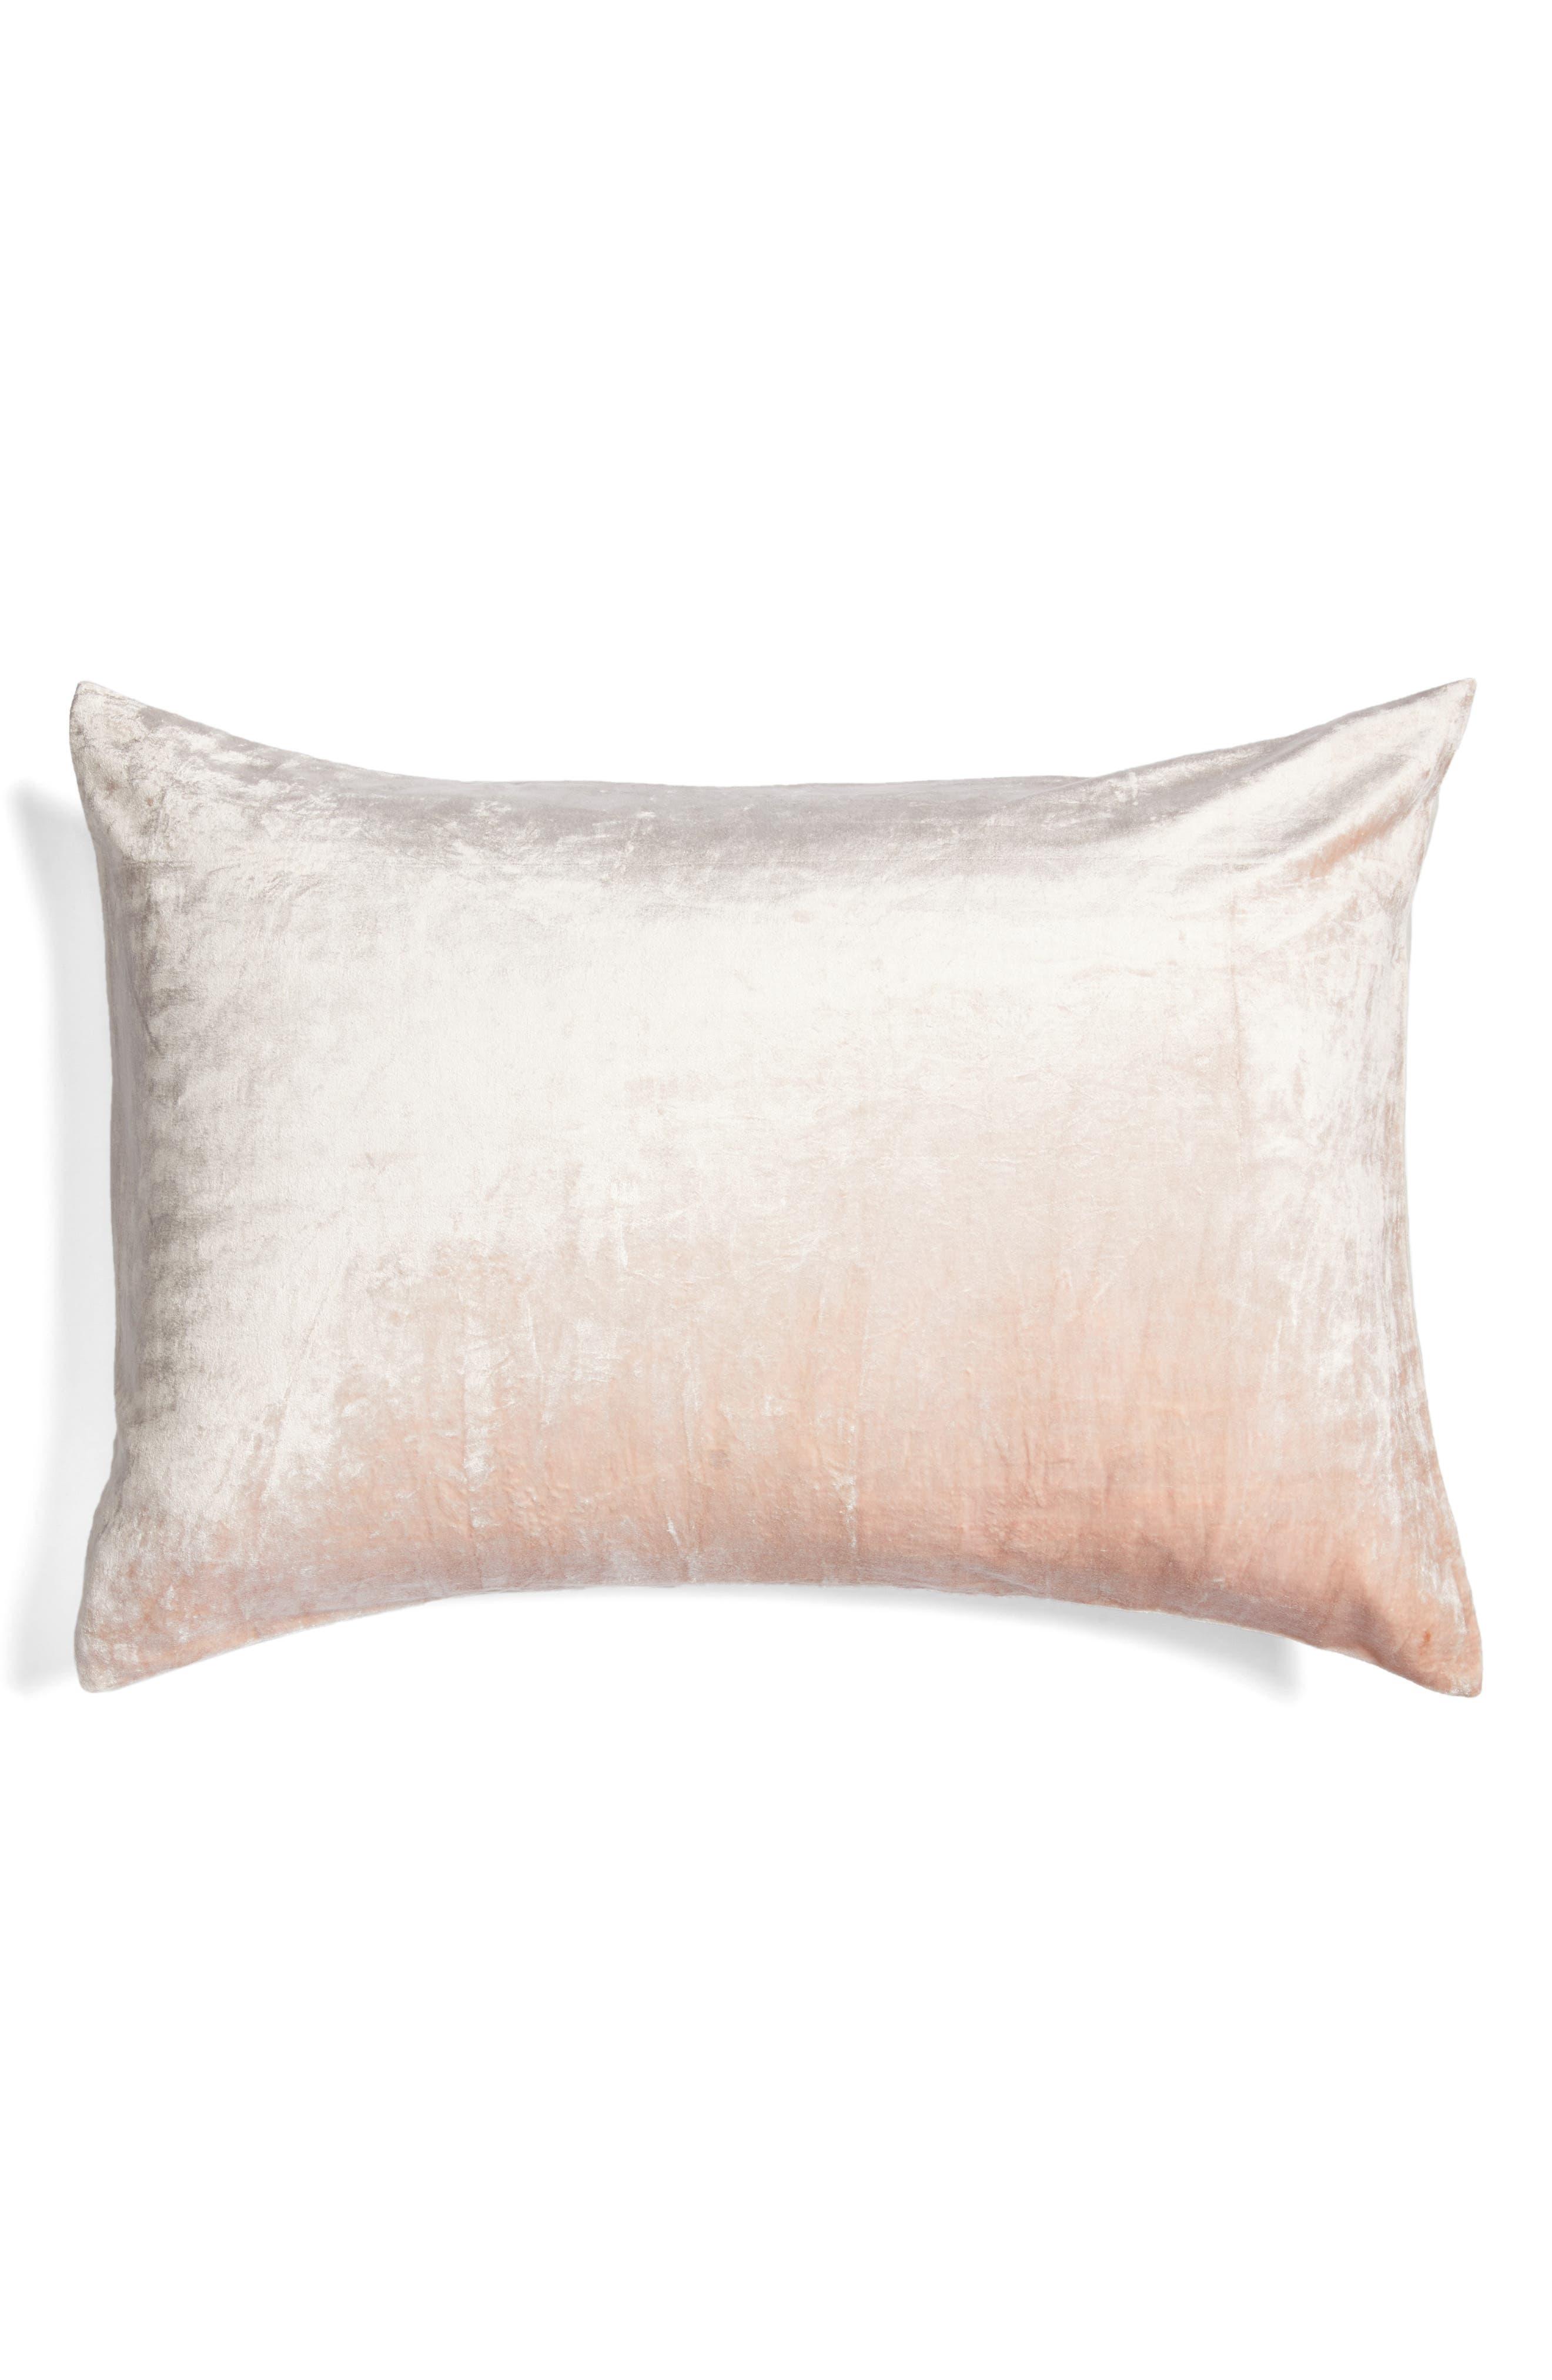 Alternate Image 1 Selected - Nordstrom at Home Shimmer Velvet Sham